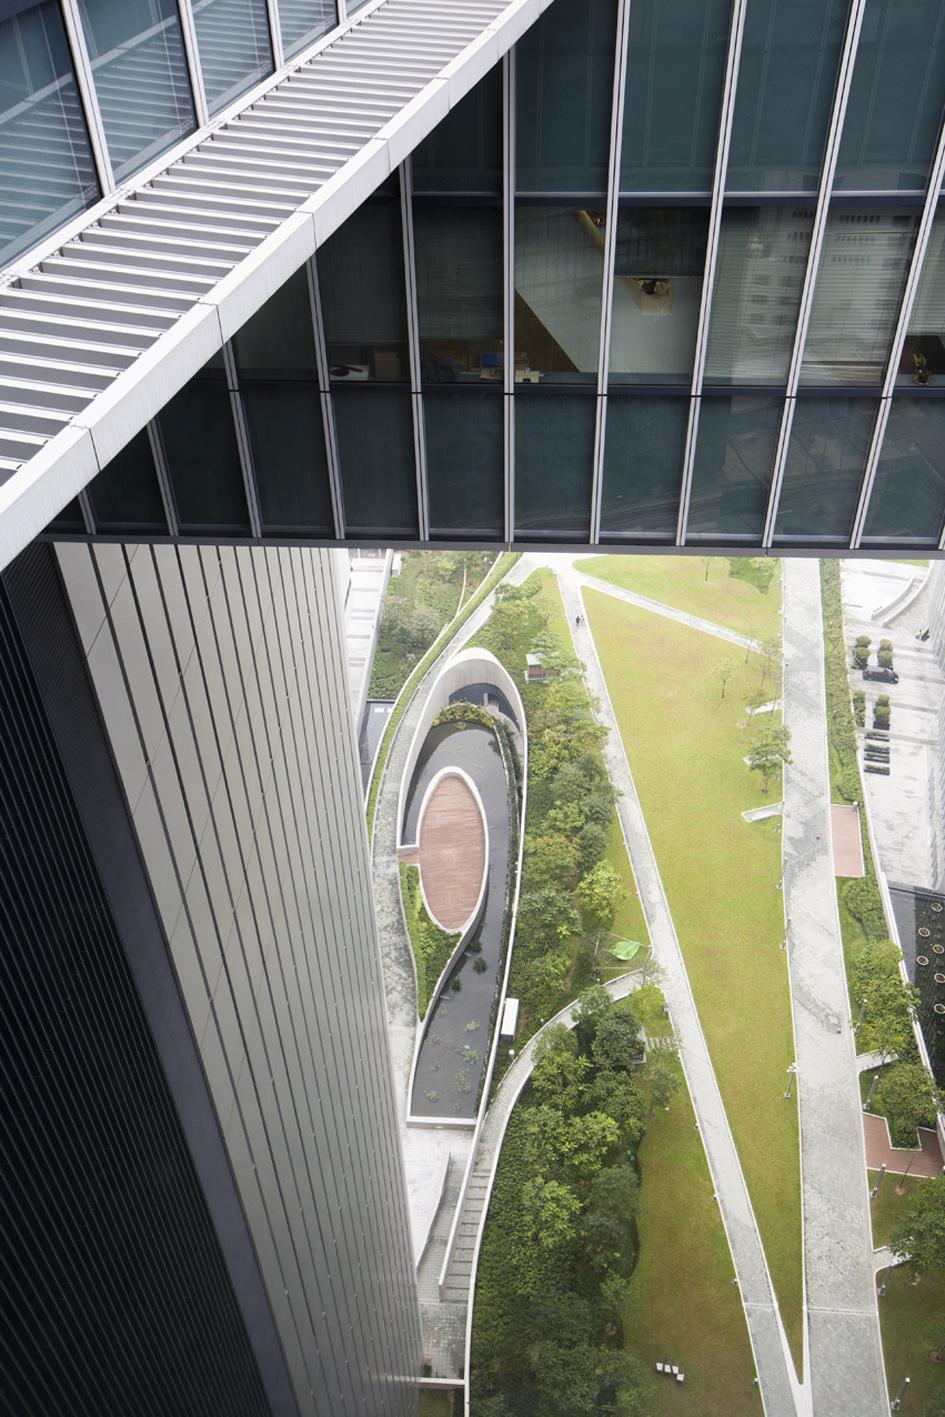 530f2b77c07a80ed3b00019e_hksar-government-headquarters-rocco-design-architects-_ml_w7a9468